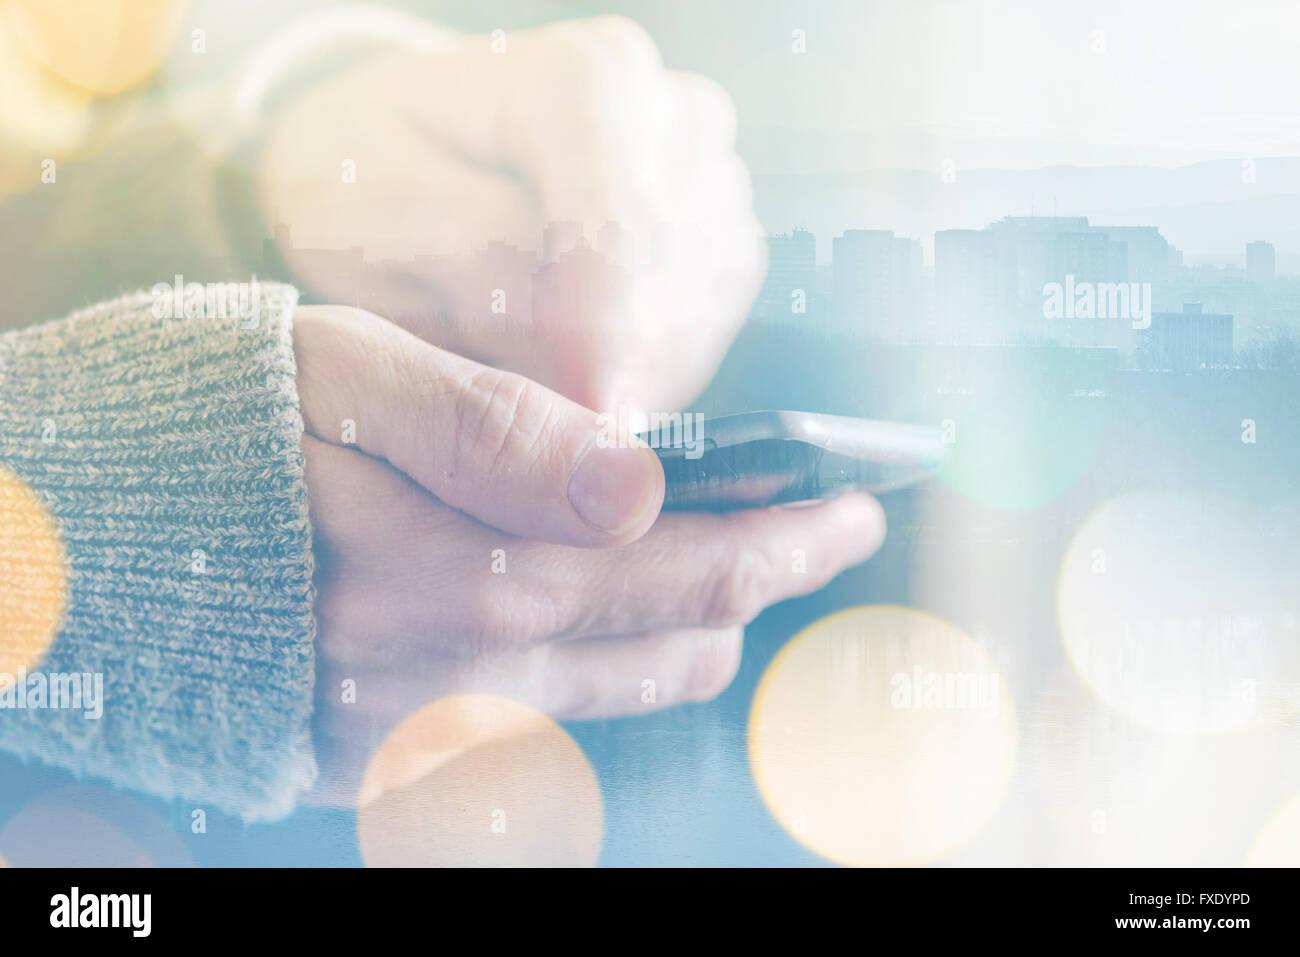 Hombre enviar mensaje de texto en el teléfono inteligente, la luz del sol de la mañana a través de Imagen De Stock